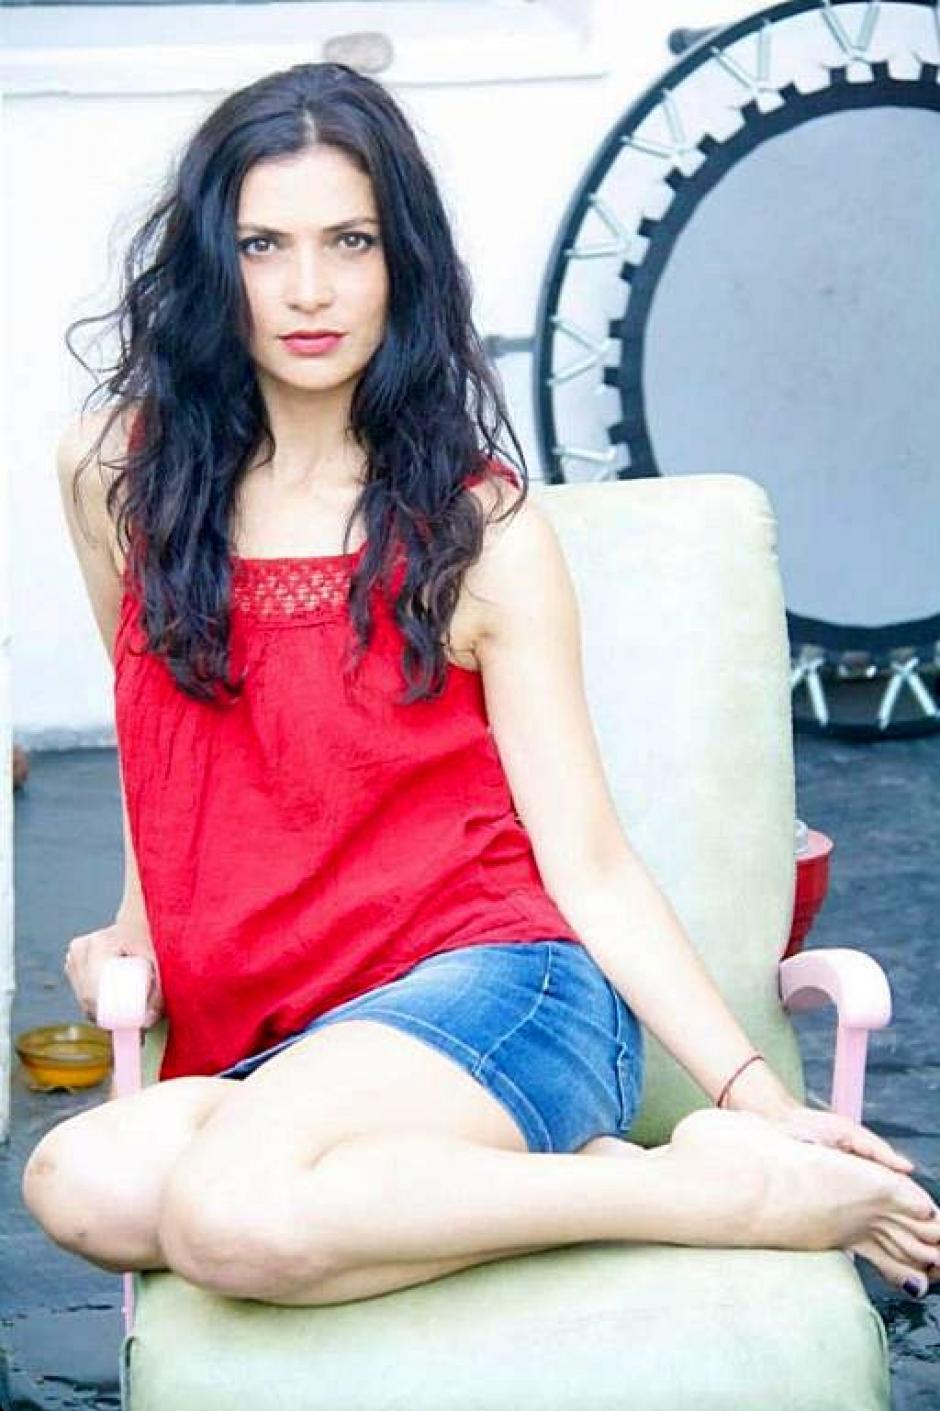 Ana María Orozco es una modelo y actriz colombiana